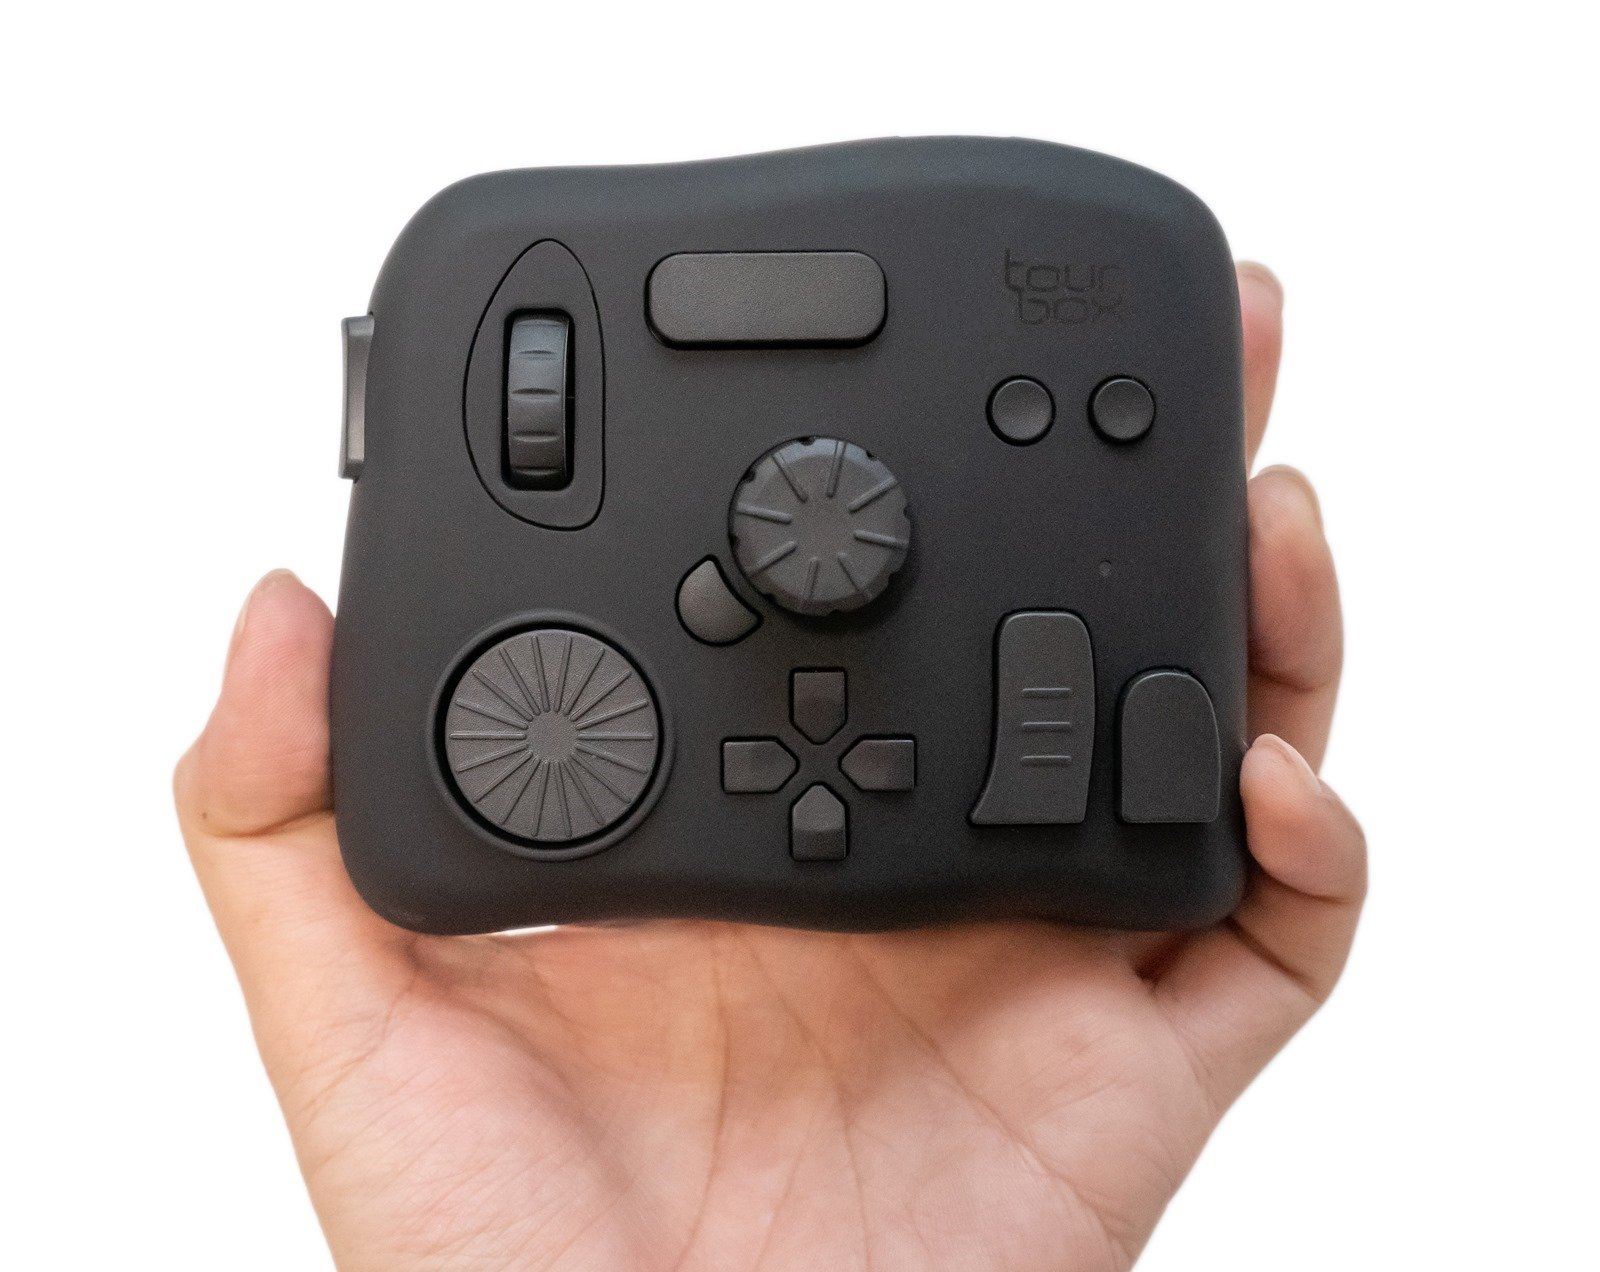 強化創作速度的最佳利器 TourBox 開箱全面評測!還有超乎想像的特殊應用 @3C 達人廖阿輝